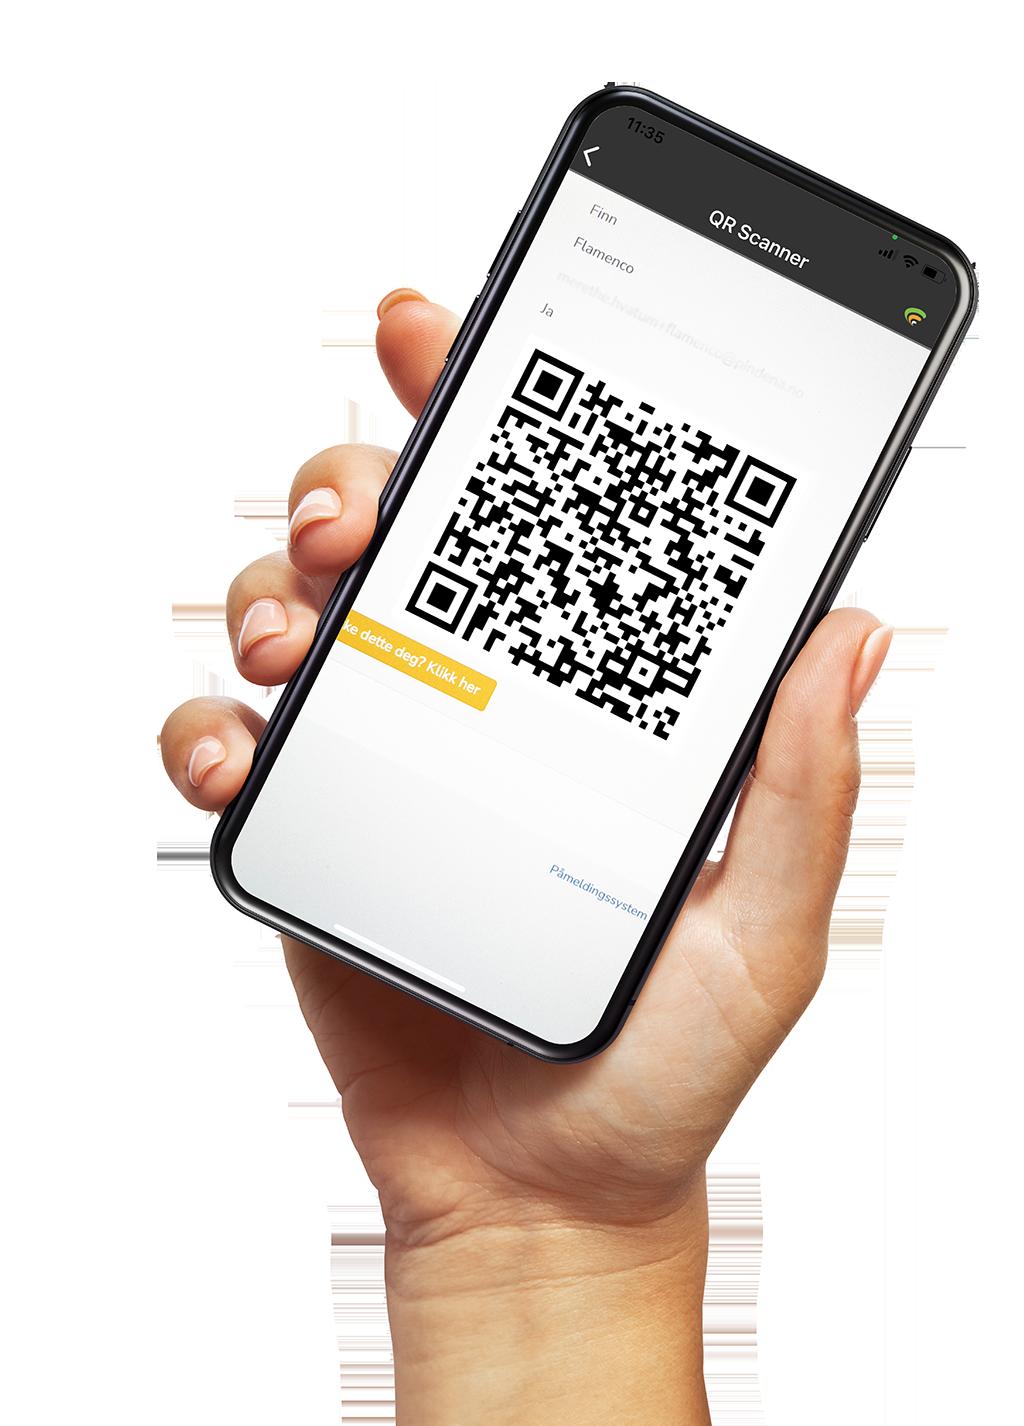 Mobilskjerm som viser en QR-kode